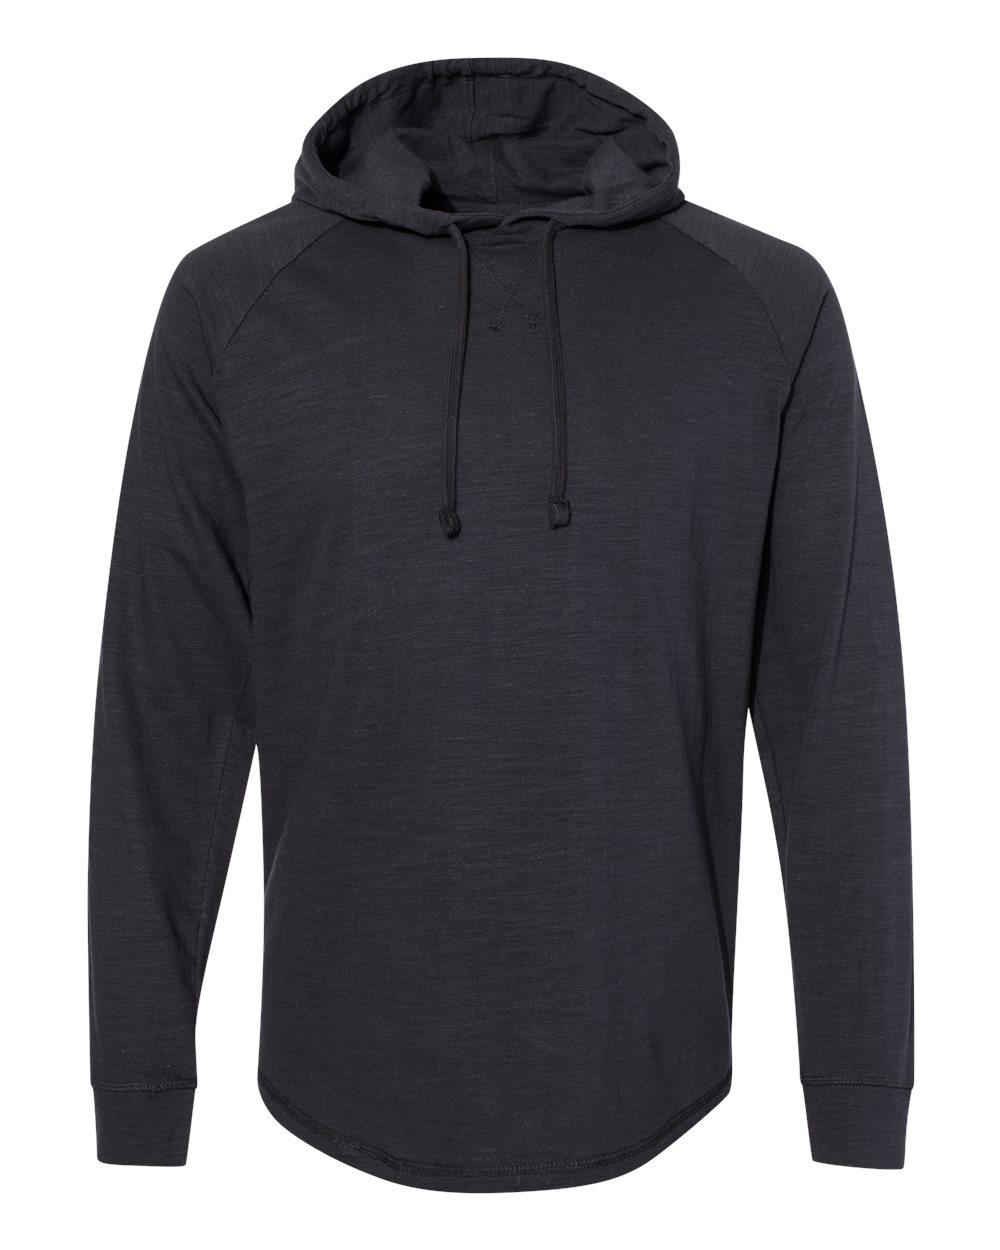 J. America - 8245 - Vintage Slub Knit Hooded Long Sleeve Pullover